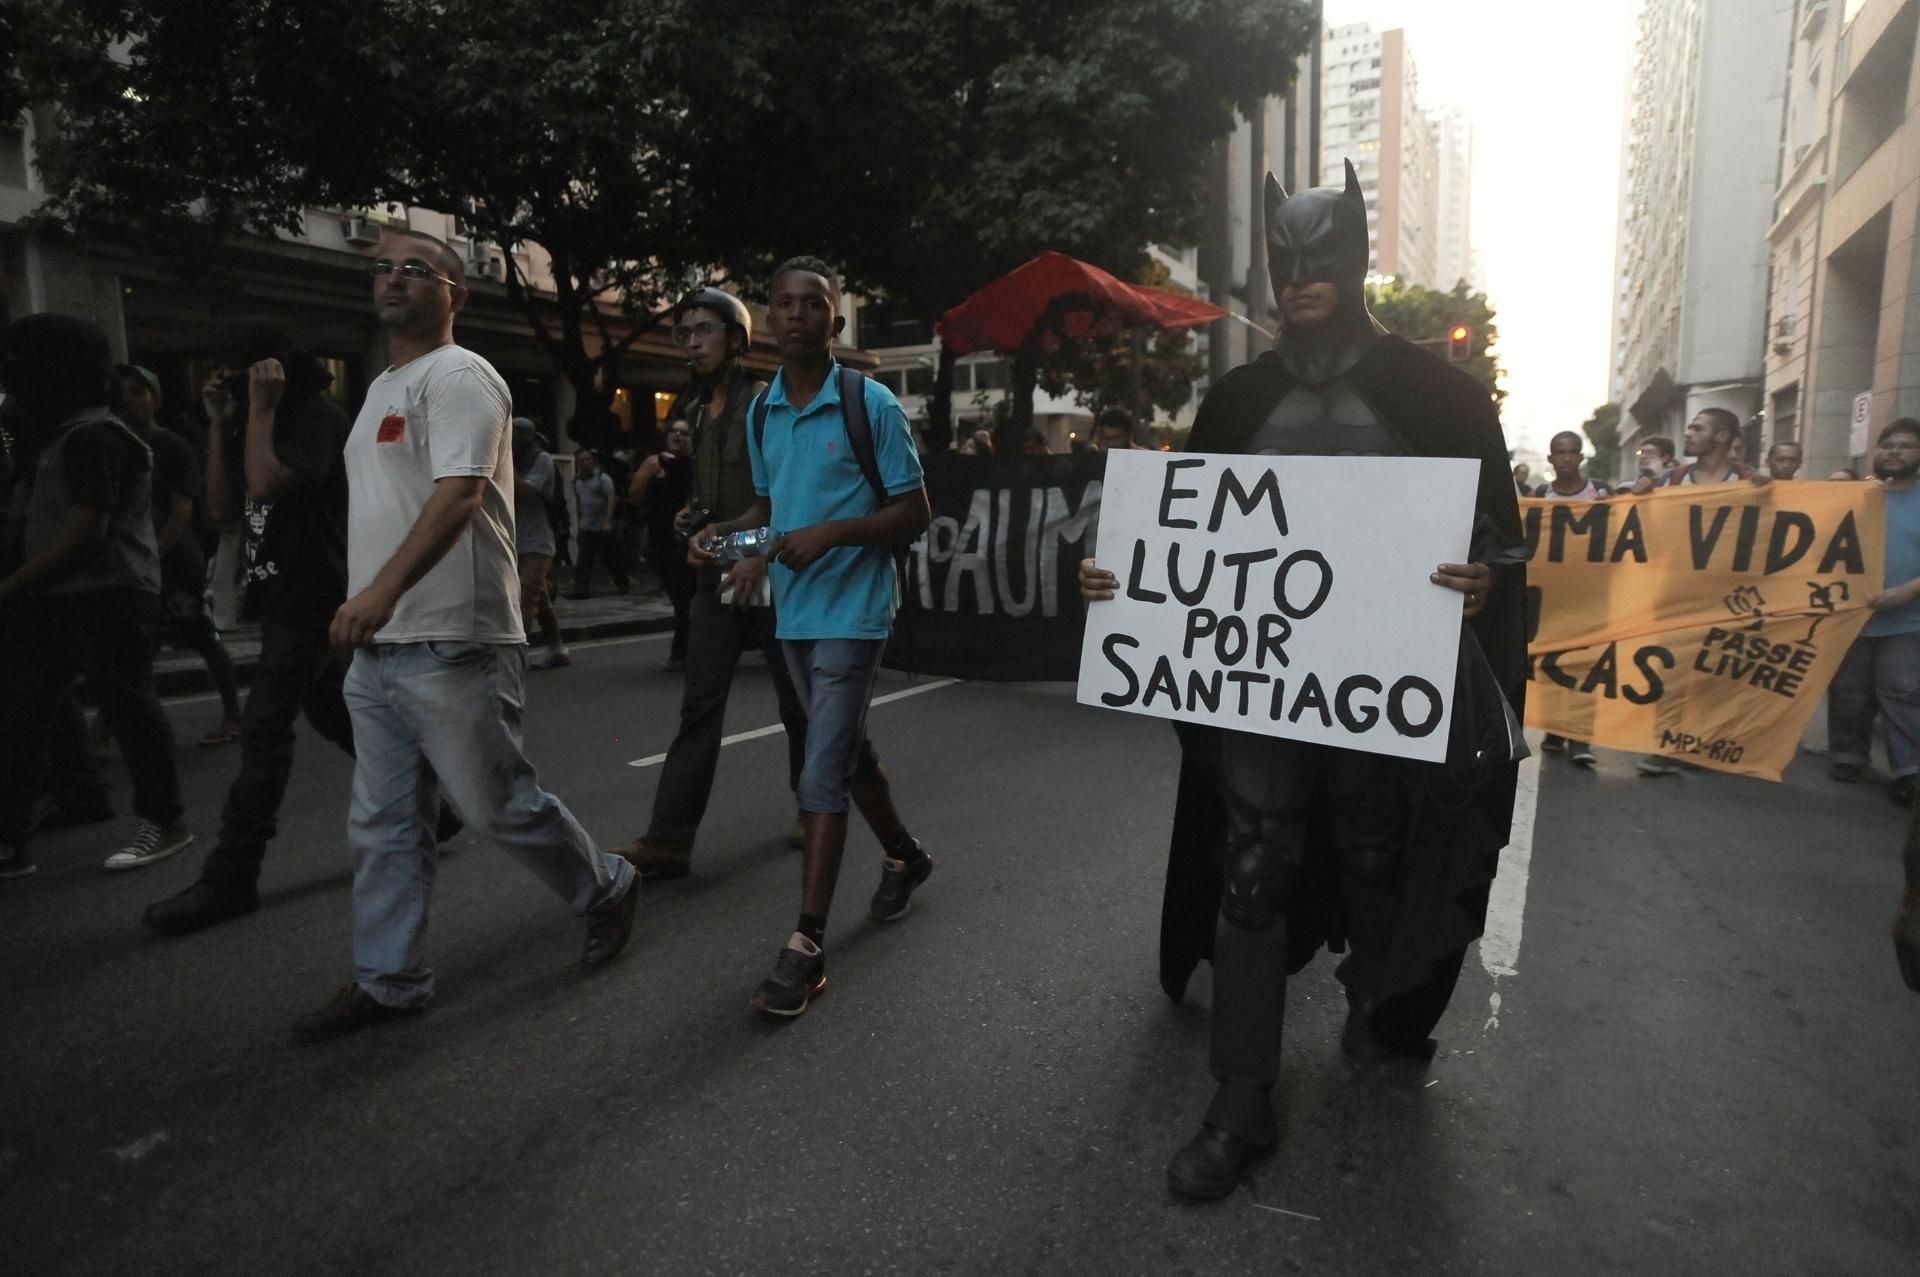 10.fev.2014 - Durante protesto no centro do Rio de Janeiro, Batman segura cartaz em memória ao cinegrafista da TV Bandeirantes, Santiago Ilídio Andrade, que teve morte cerebral após ser atingido por um rojão na última manifestação contra o aumento das passagens de ônibus no Rio de Janeiro